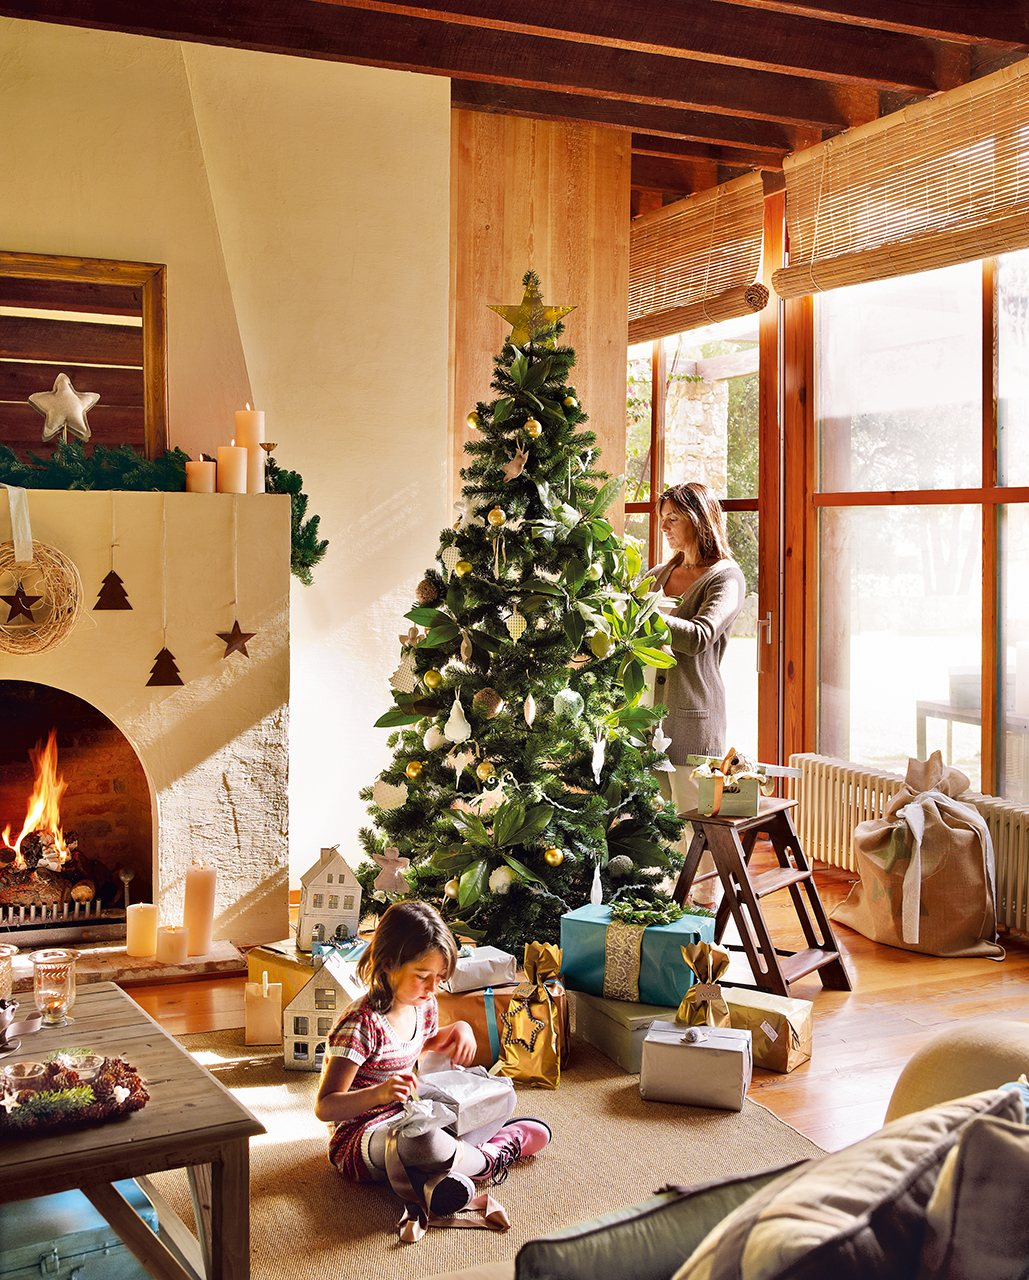 Salón Rústico Con árbol De Navidad Y Chimenea